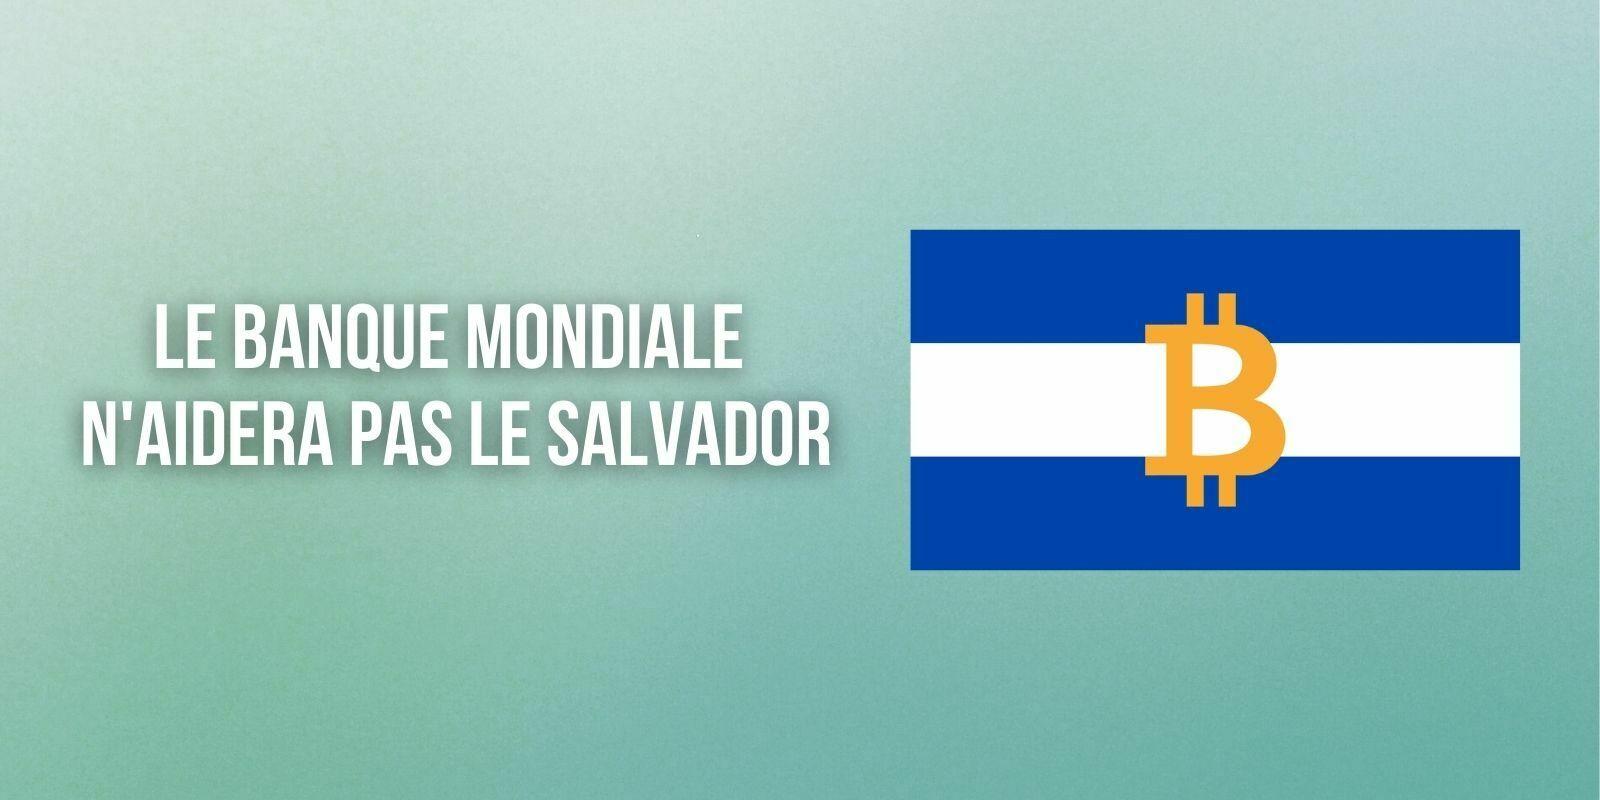 La Banque mondiale refuse d'aider le Salvador pour sa transition vers le Bitcoin (BTC)